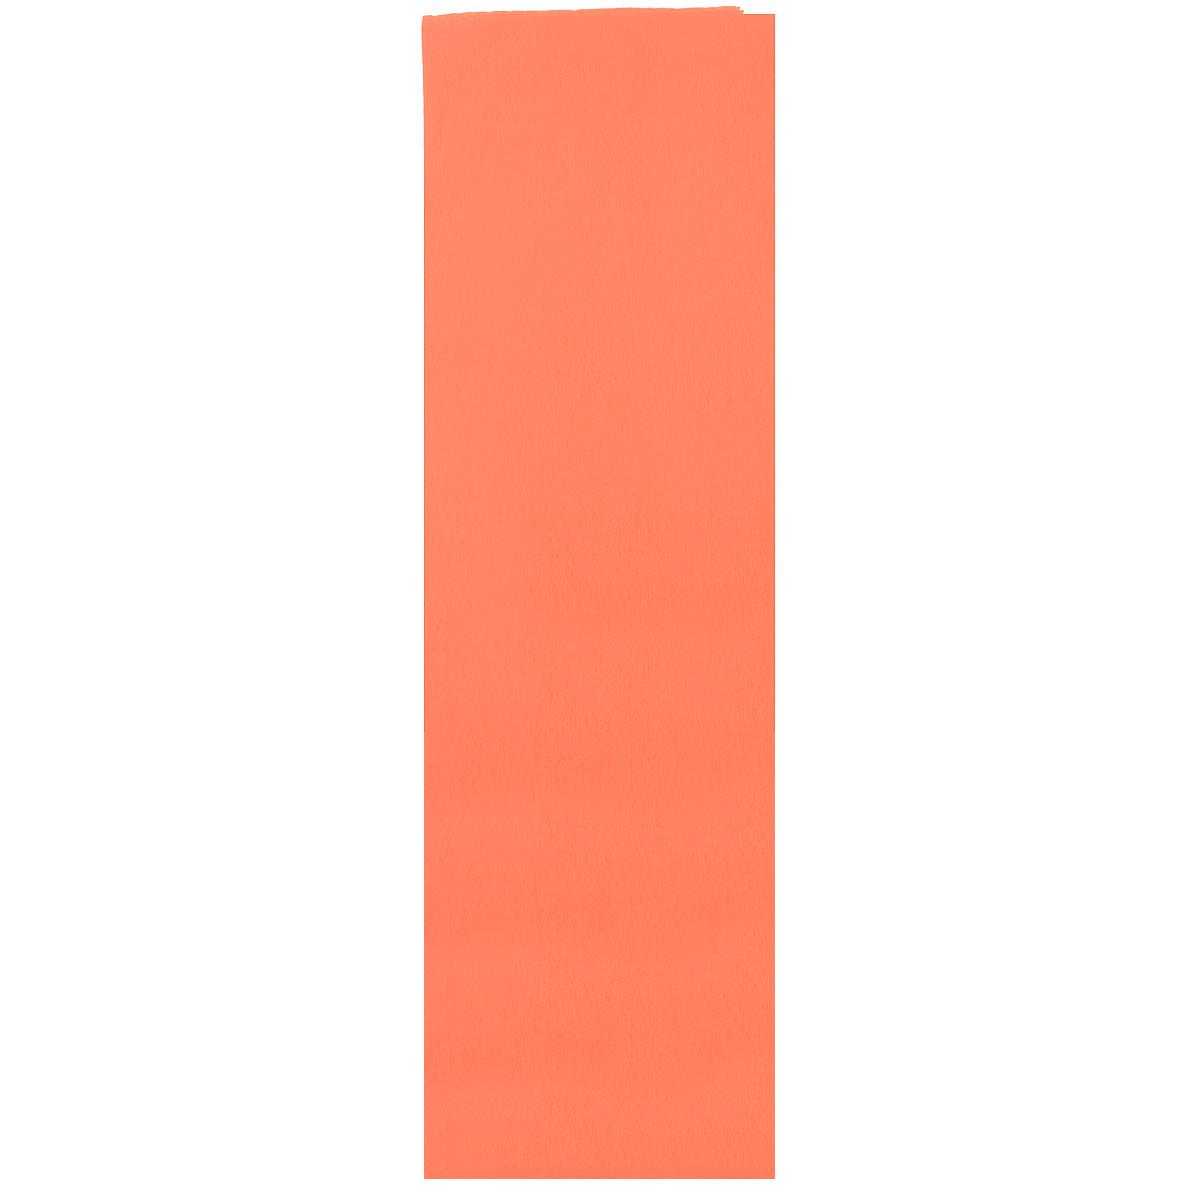 Бумага крепированная Проф-Пресс, цвет: коралловый, 50 см х 250 смБ-2292Крепированная бумага Проф-Пресс - отличный вариант для воплощения творческих идей не только детей, но и взрослых. Она отлично подойдет для упаковки хрупких изделий, при оформлении букетов, создании сложных цветовых композиций, для декорирования и других оформительских работ. Бумага обладает повышенной прочностью и жесткостью, хорошо растягивается, имеет жатую поверхность. Кроме того, крепированная бумага Проф-Пресс поможет увлечь ребенка, развивая интерес к художественному творчеству, эстетический вкус и восприятие, увеличивая желание делать подарки своими руками, воспитывая самостоятельность и аккуратность в работе. Такая бумага поможет вашему ребенку раскрыть свои таланты. Размер: 50 см х 250 см.